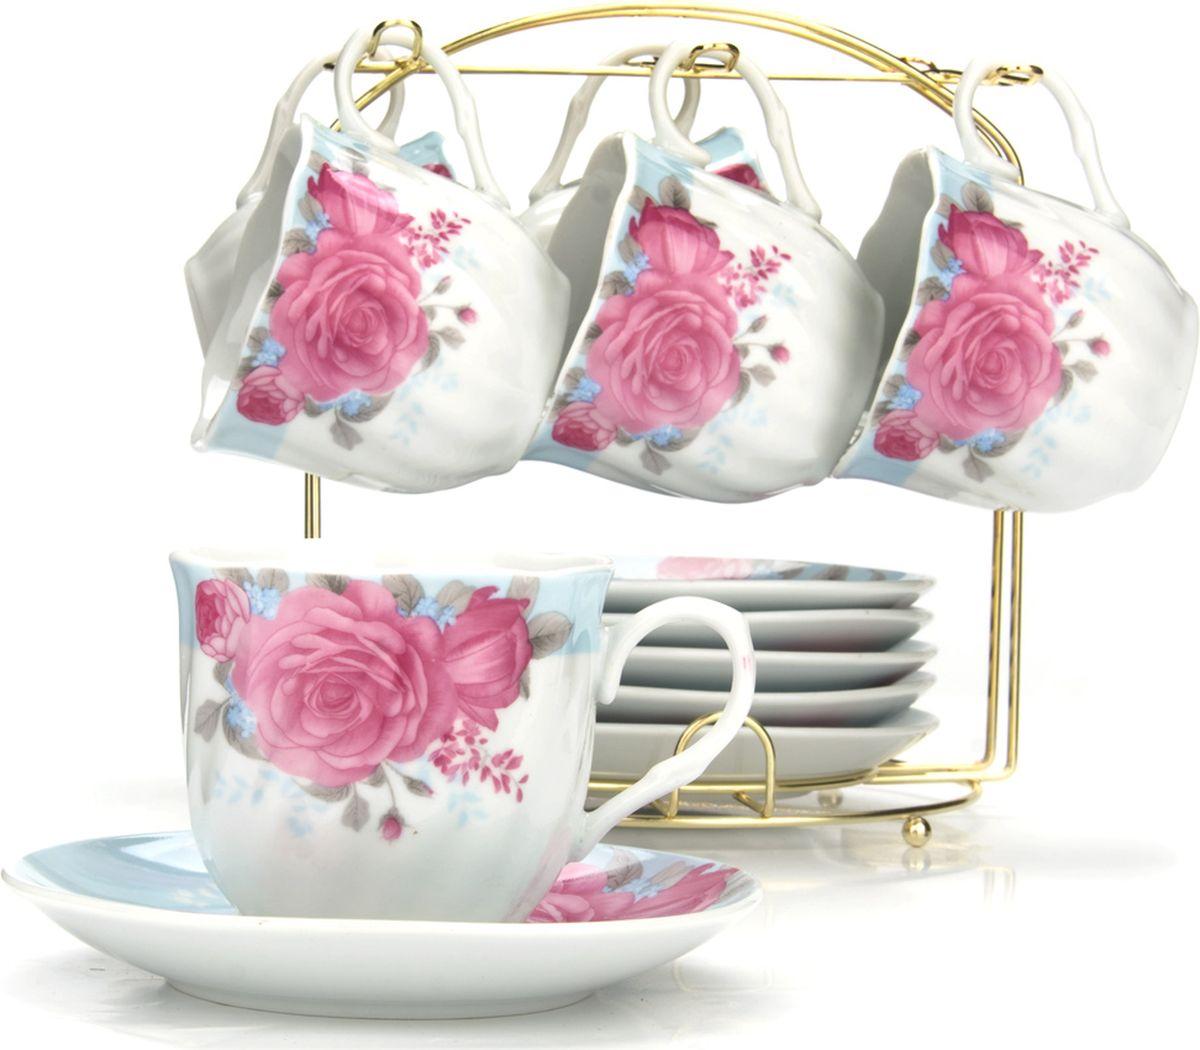 Сервиз чайный Loraine, на подставке, 13 предметов. 4328325939